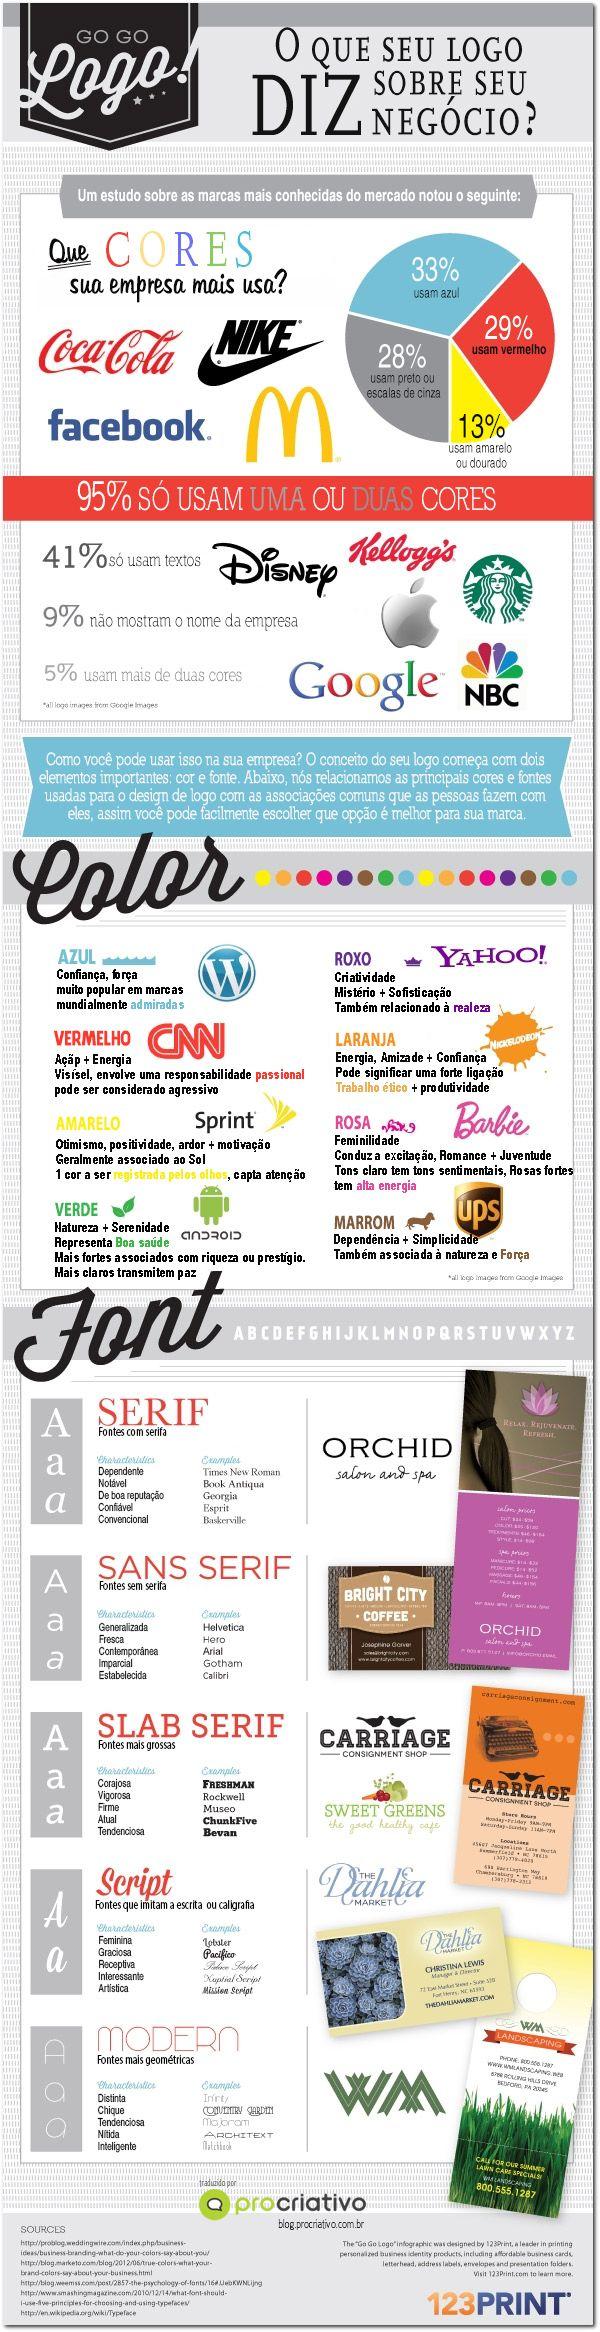 Na hora de escolher o logo, símbolos, tipografia e cores são essenciais. Veja dicas.